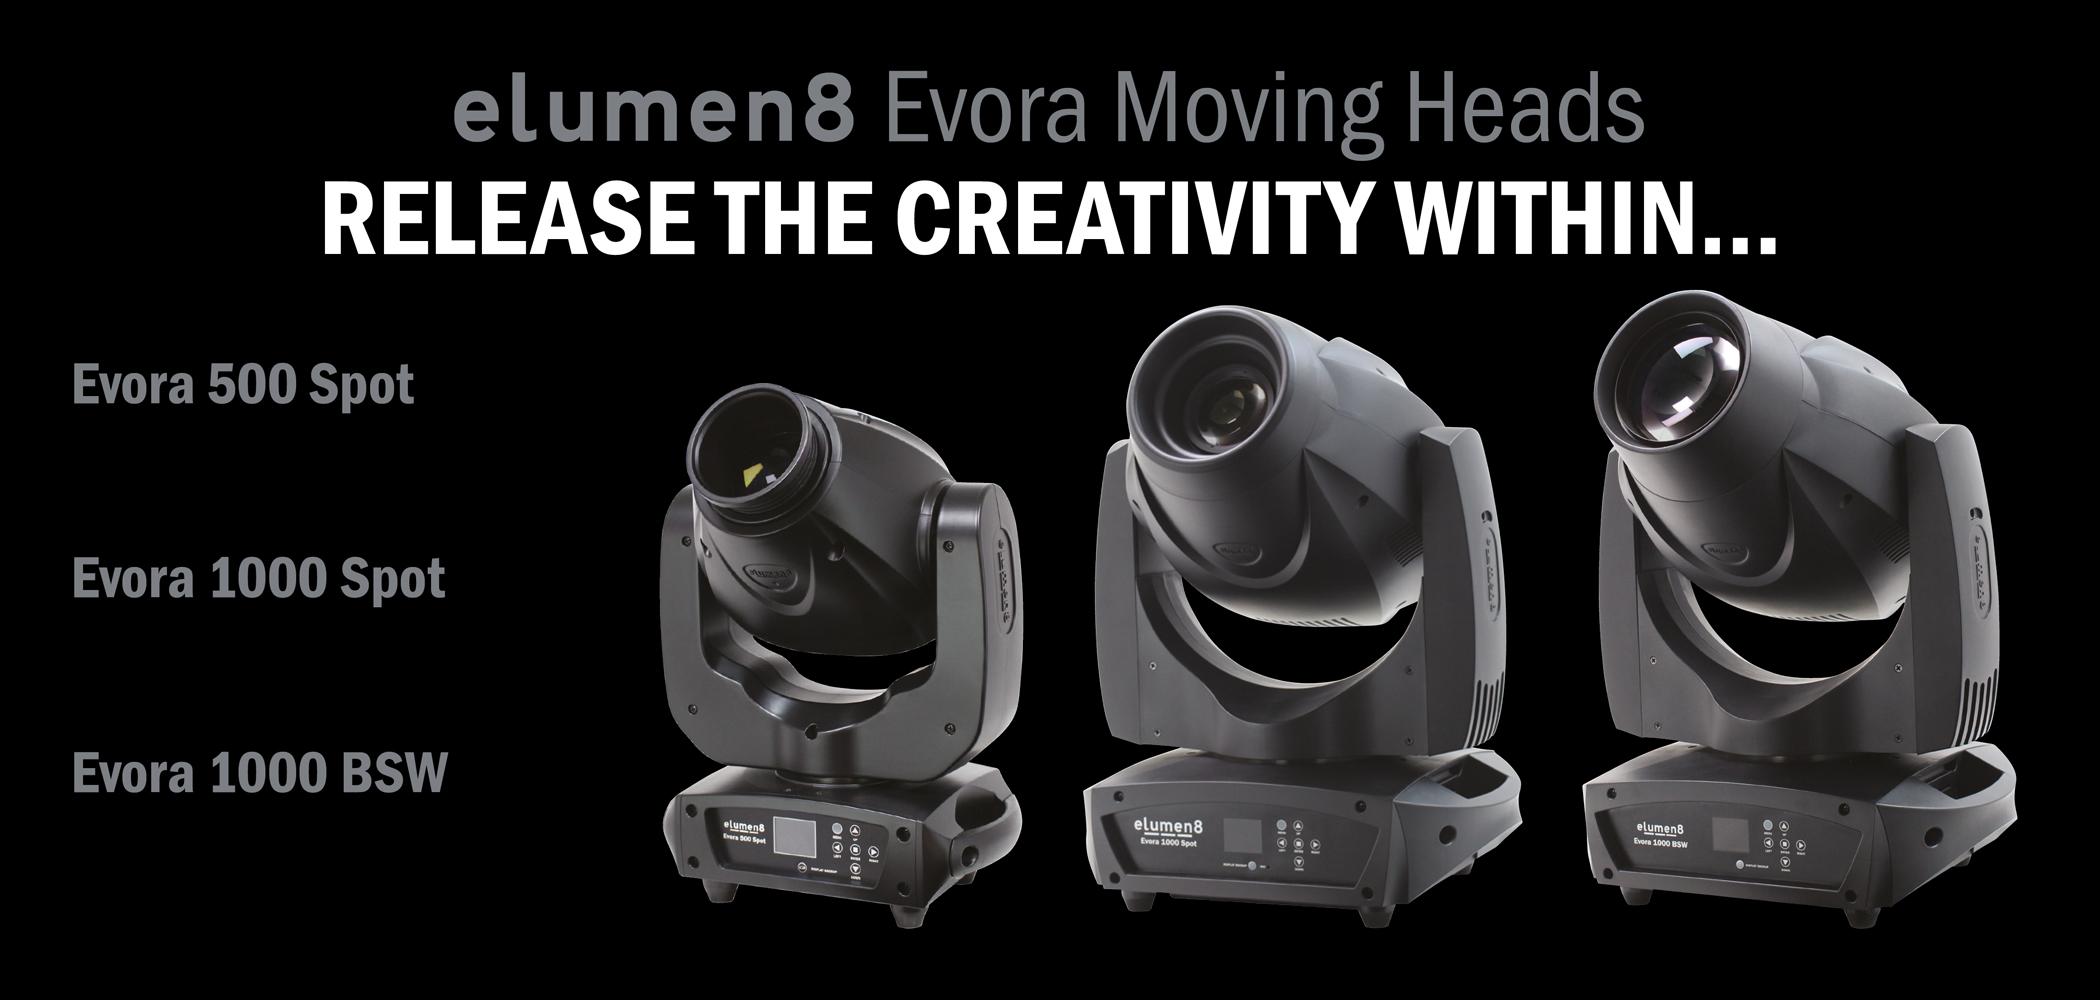 eLumen8 Evora Series